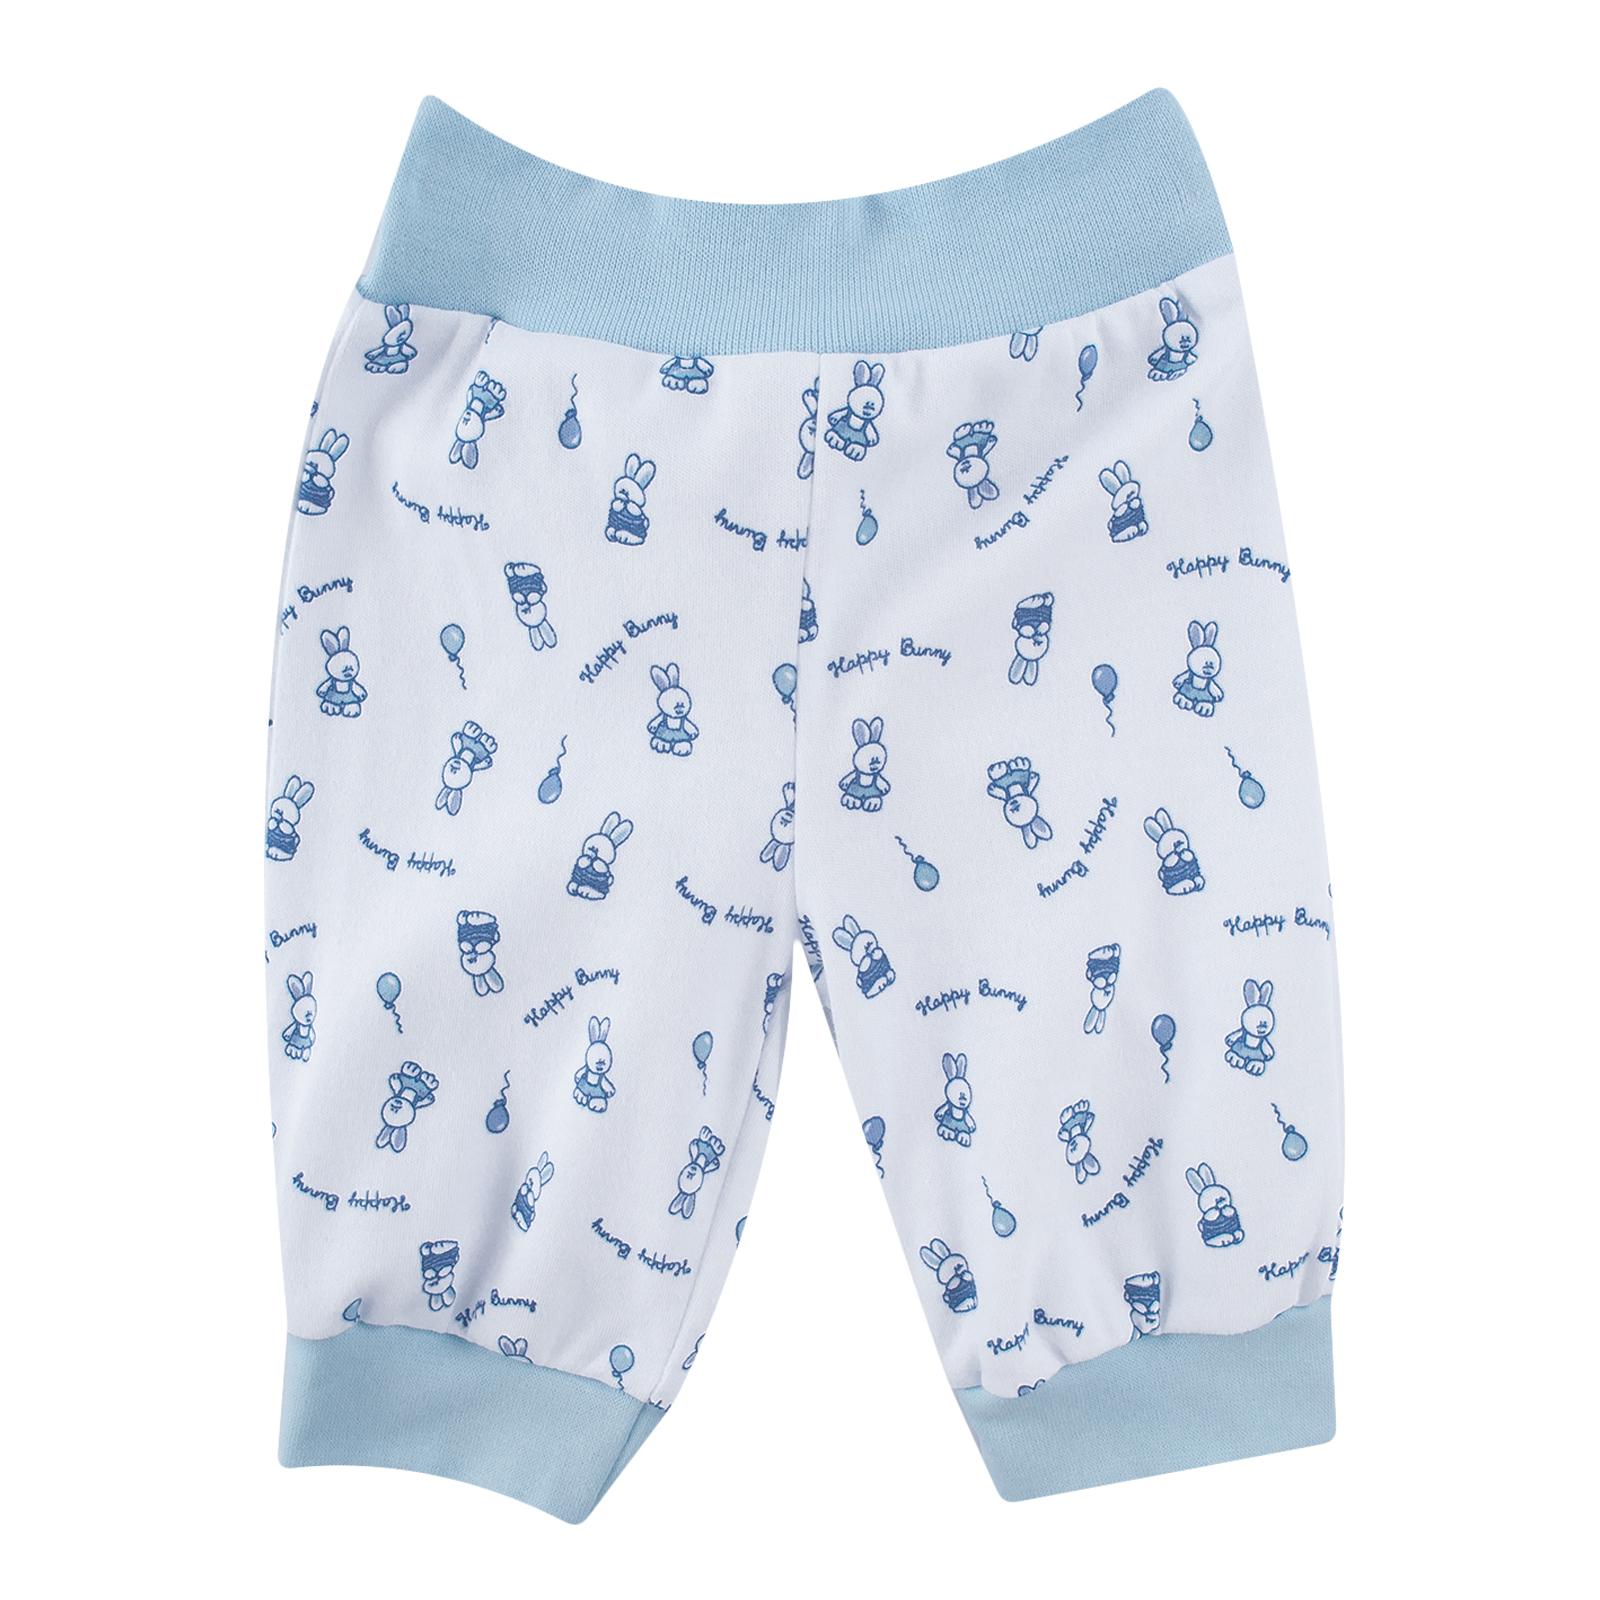 Штанишки КОТМАРКОТ для мальчика, цвет набивка голубой тон 3-6 мес (размер 68)<br>